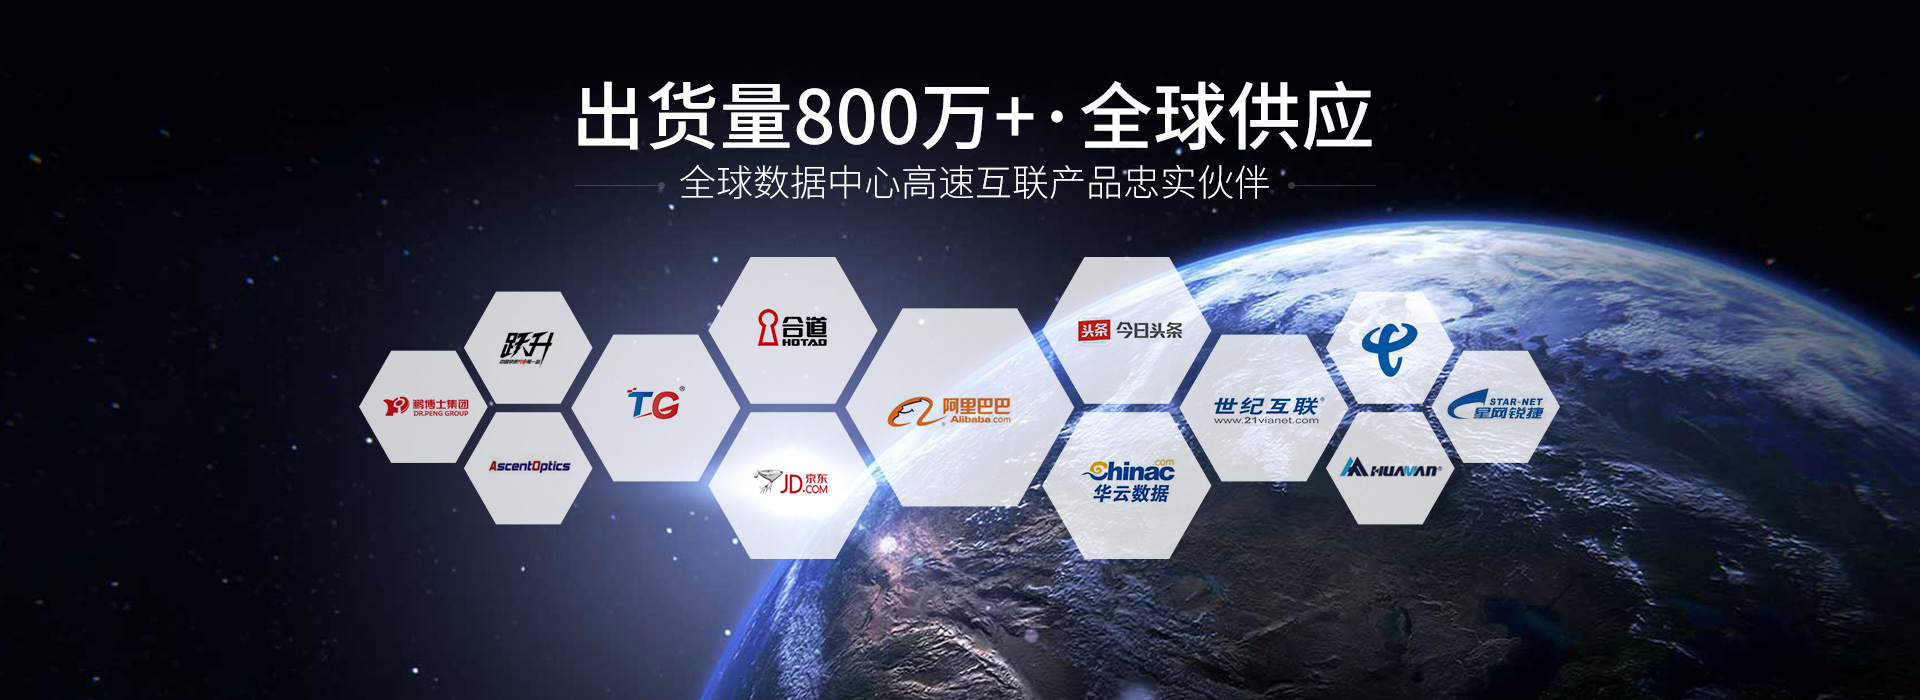 睿海光电-已为1000+企业提供高效可靠的网络传输解决方案